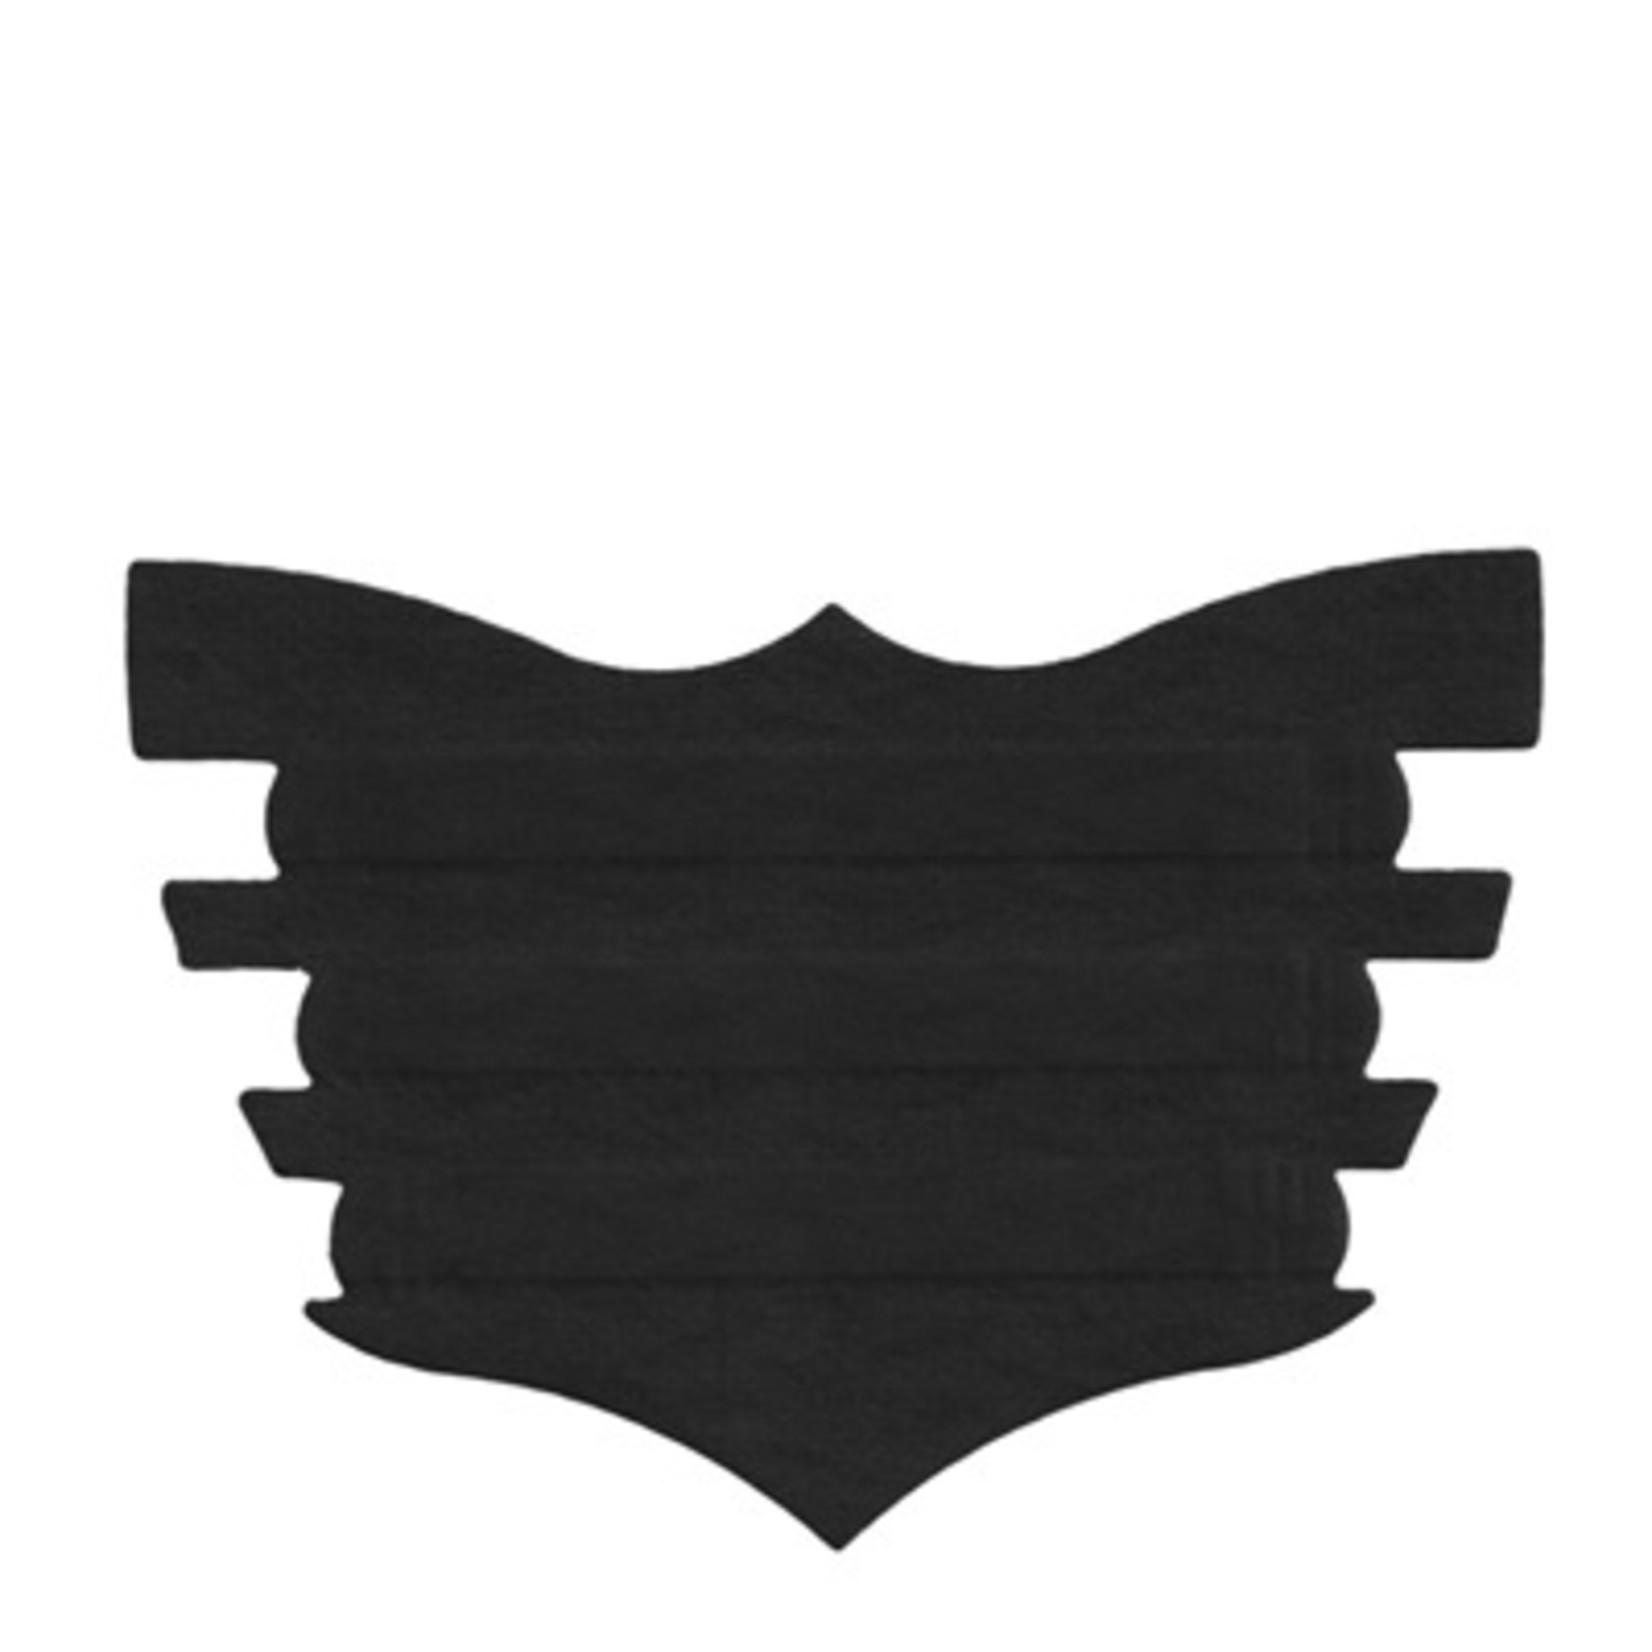 Flair Flair Strip - Black